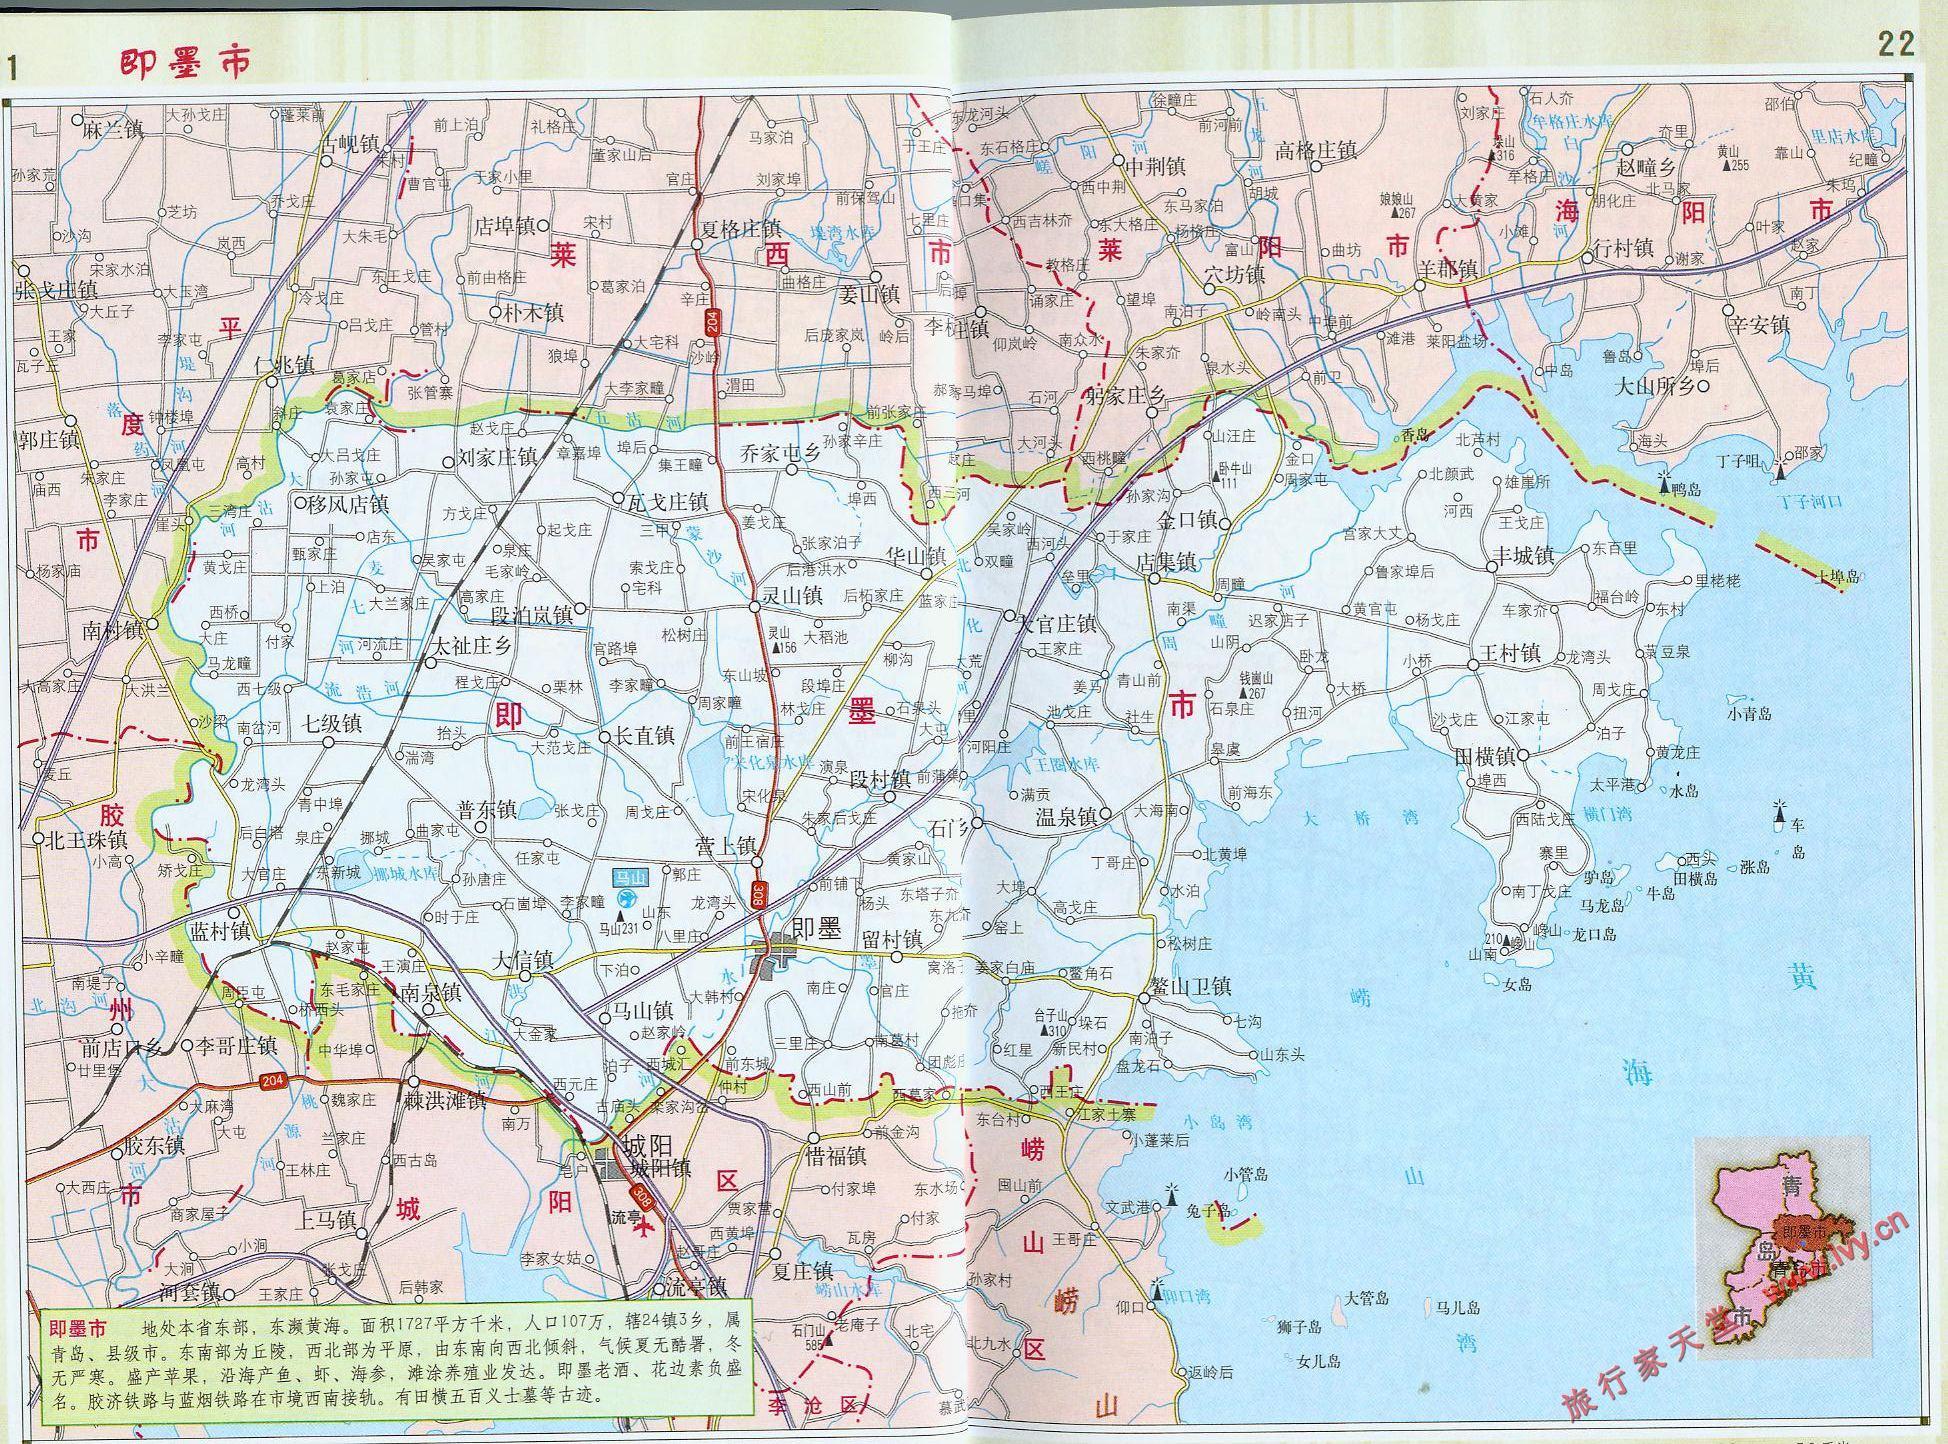 地图窝 中国 山东 青岛  (长按地图可以放大,保存,分享)图片